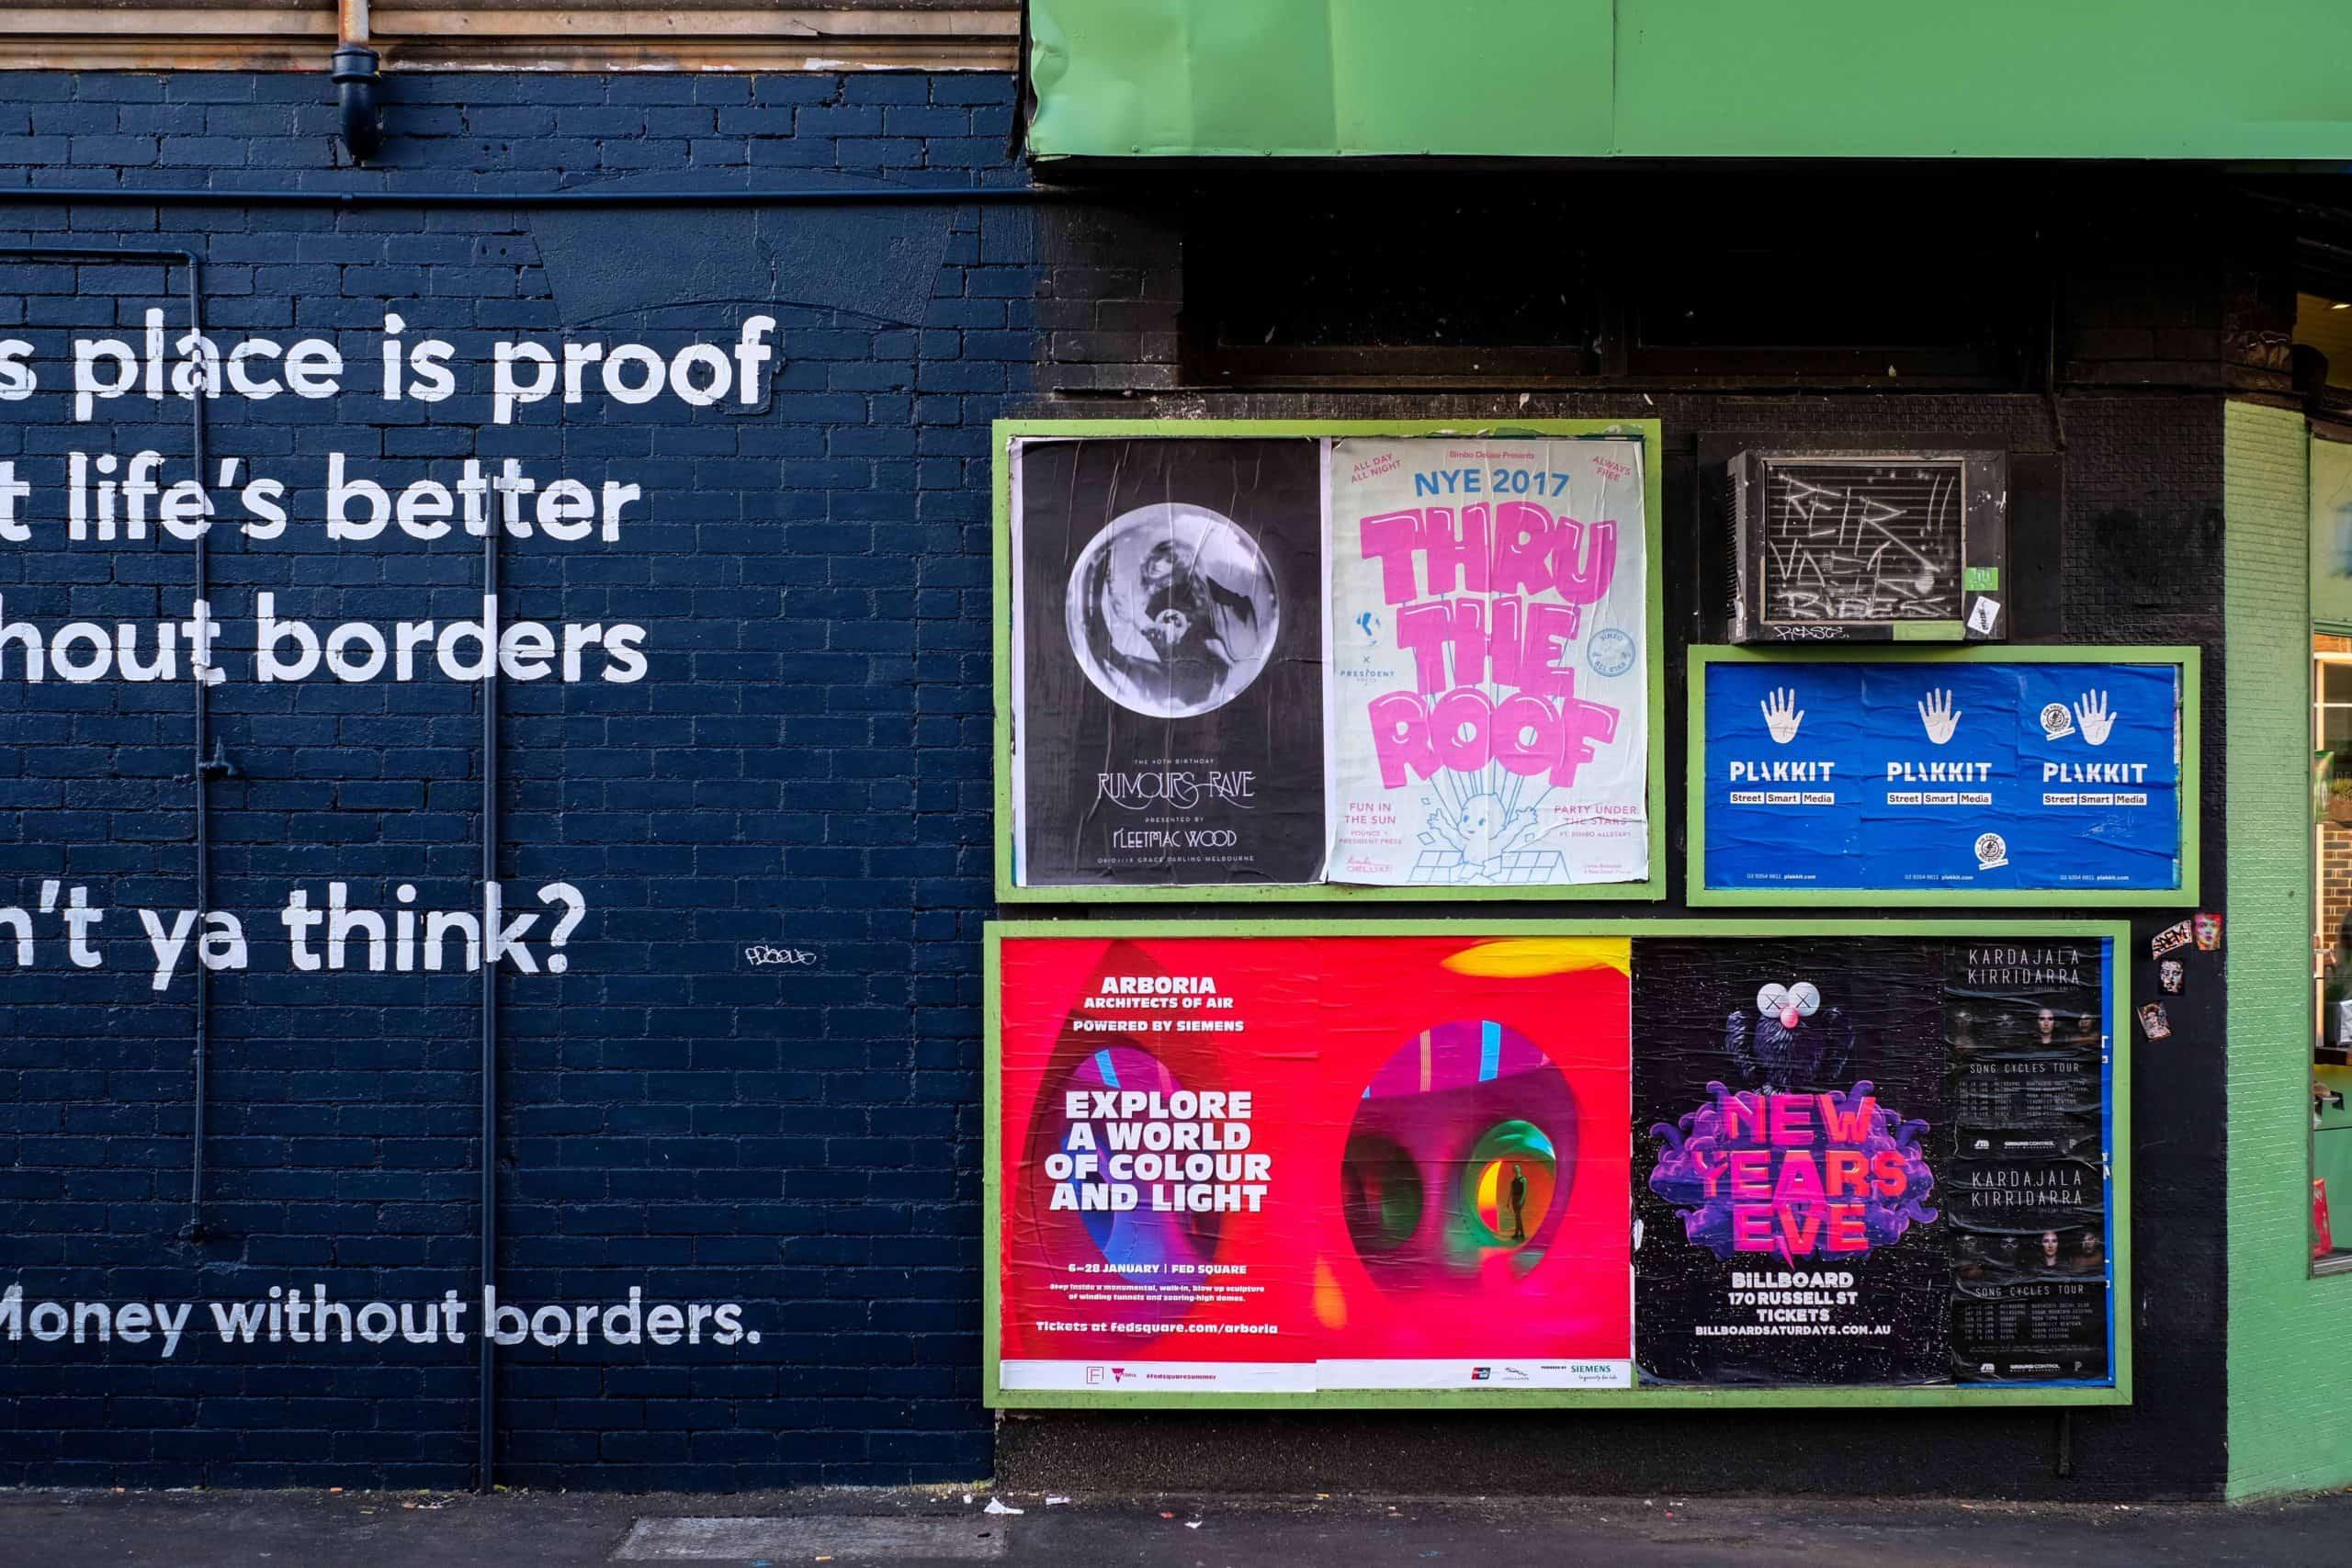 vergleichende Werbung